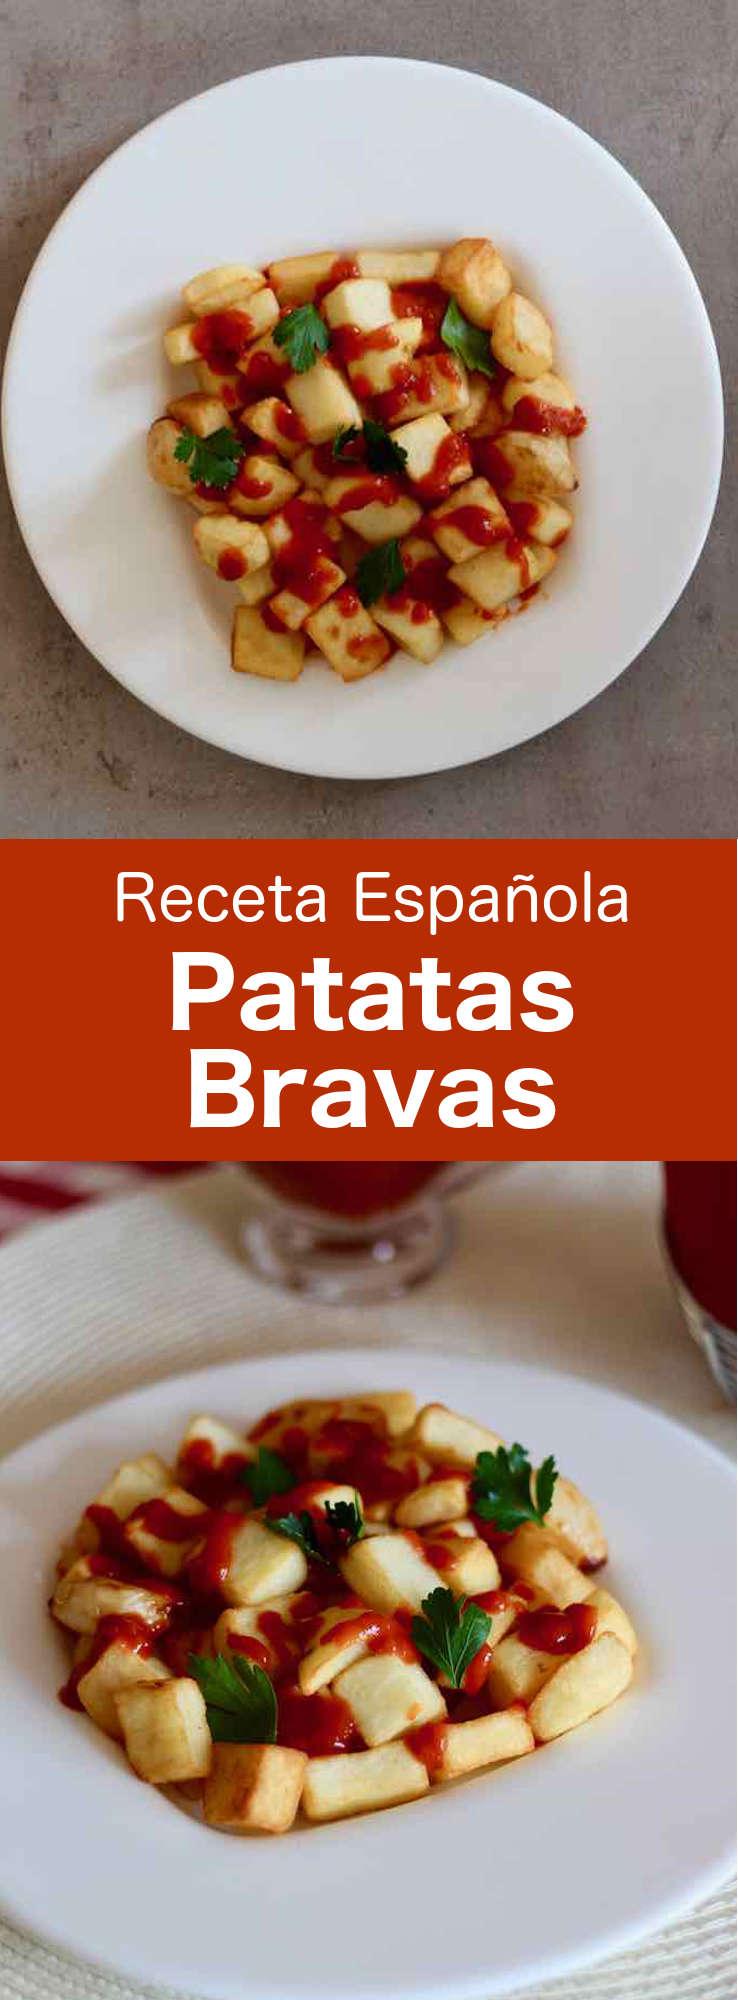 Las patatas bravas son unas deliciosas tapas que se preparan con cubos de patatas fritas y una salsa picante llamada